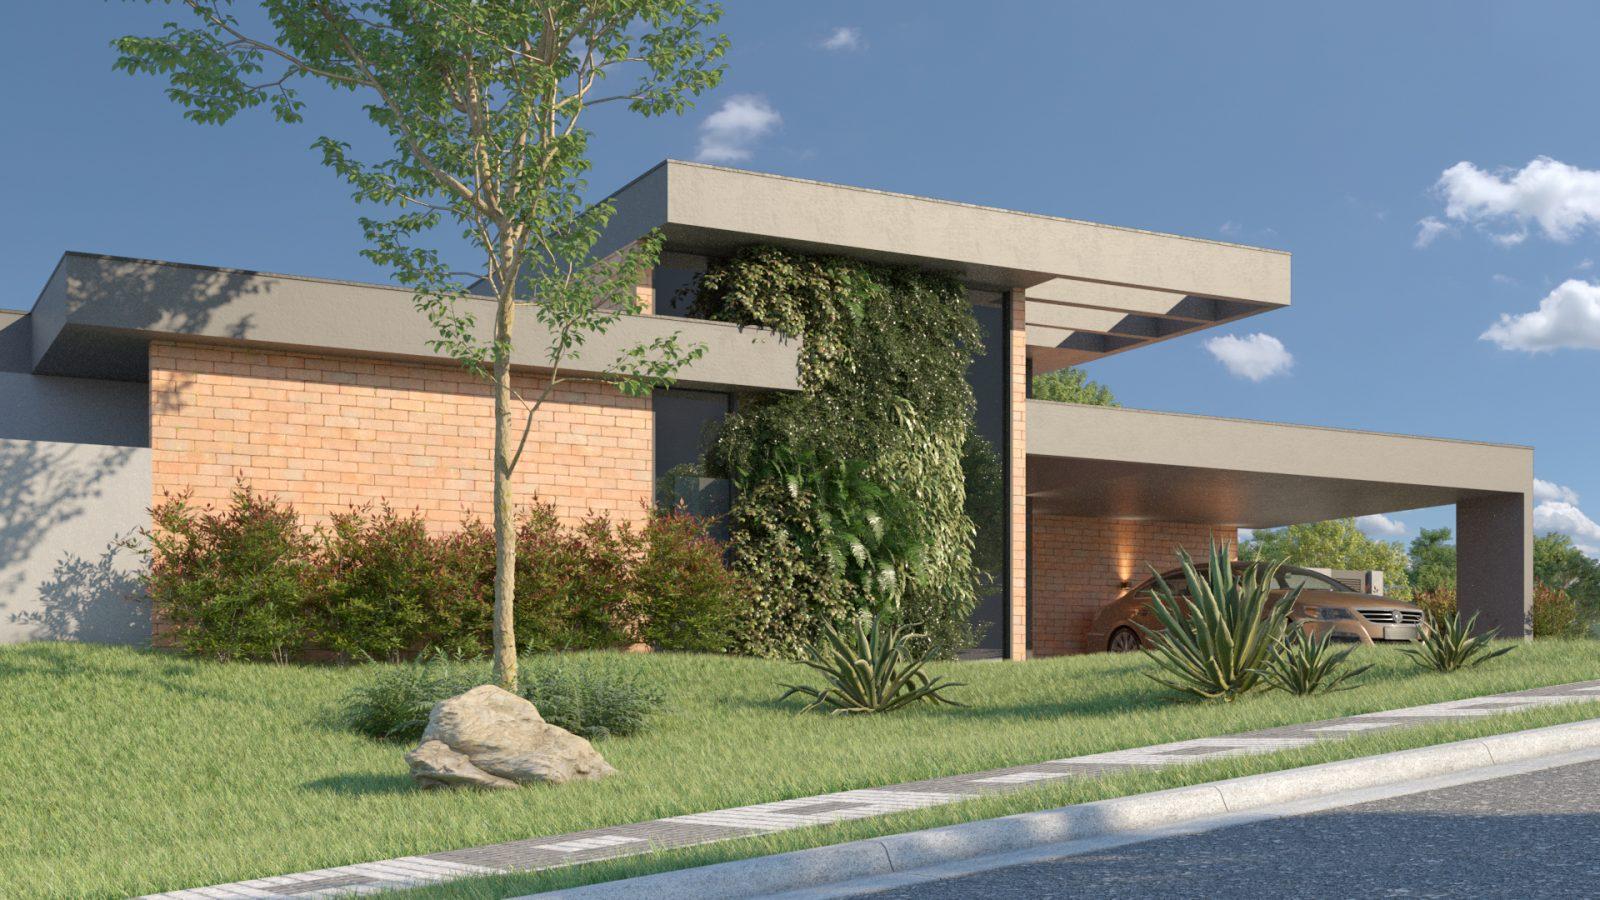 Lateral casa modernista tijolinhos, com um carro na garagem.